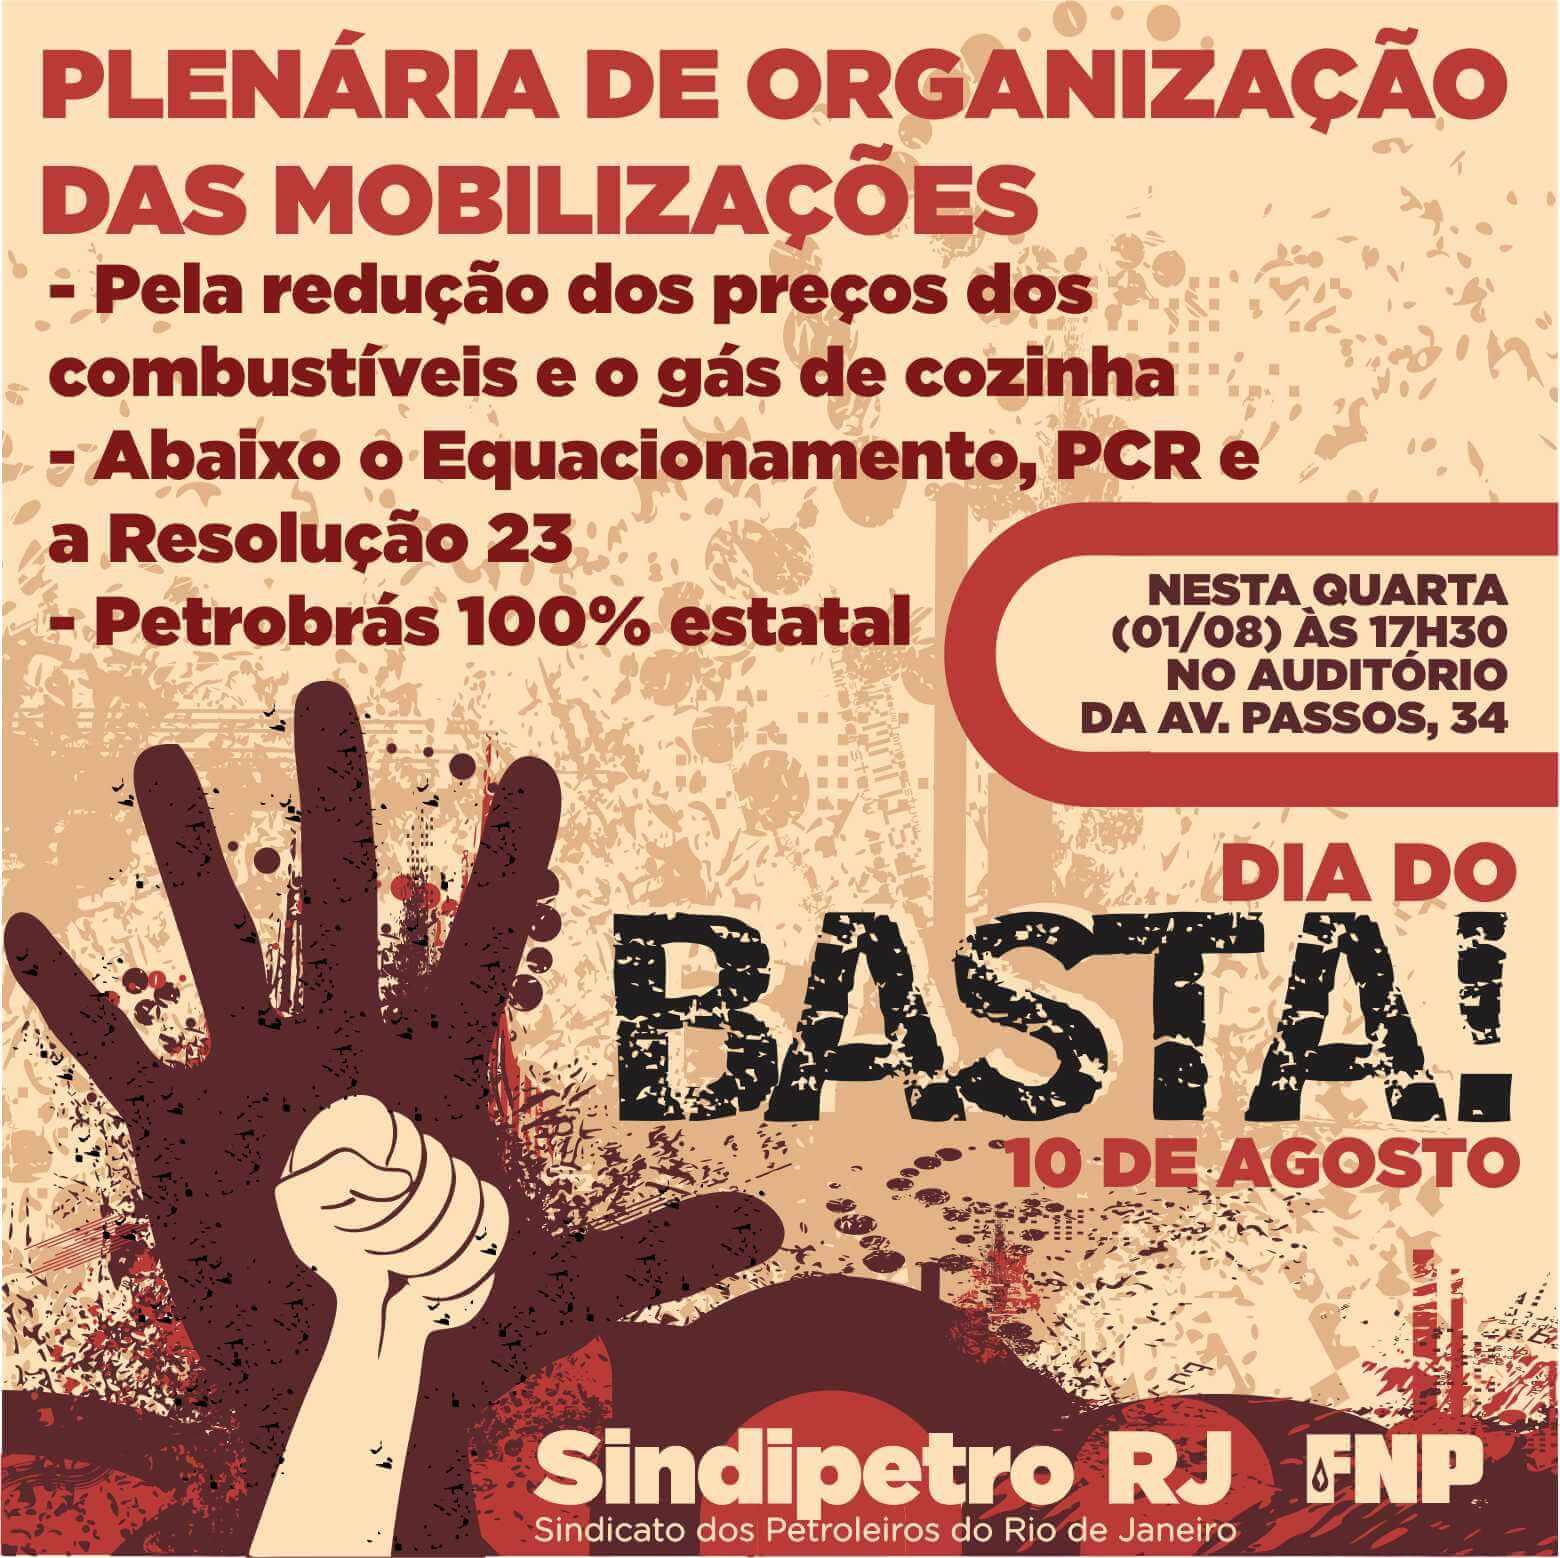 Sindicato realiza Colegiado Aberto e aprova participação no 'Dia do Basta' DIA DO BASTA